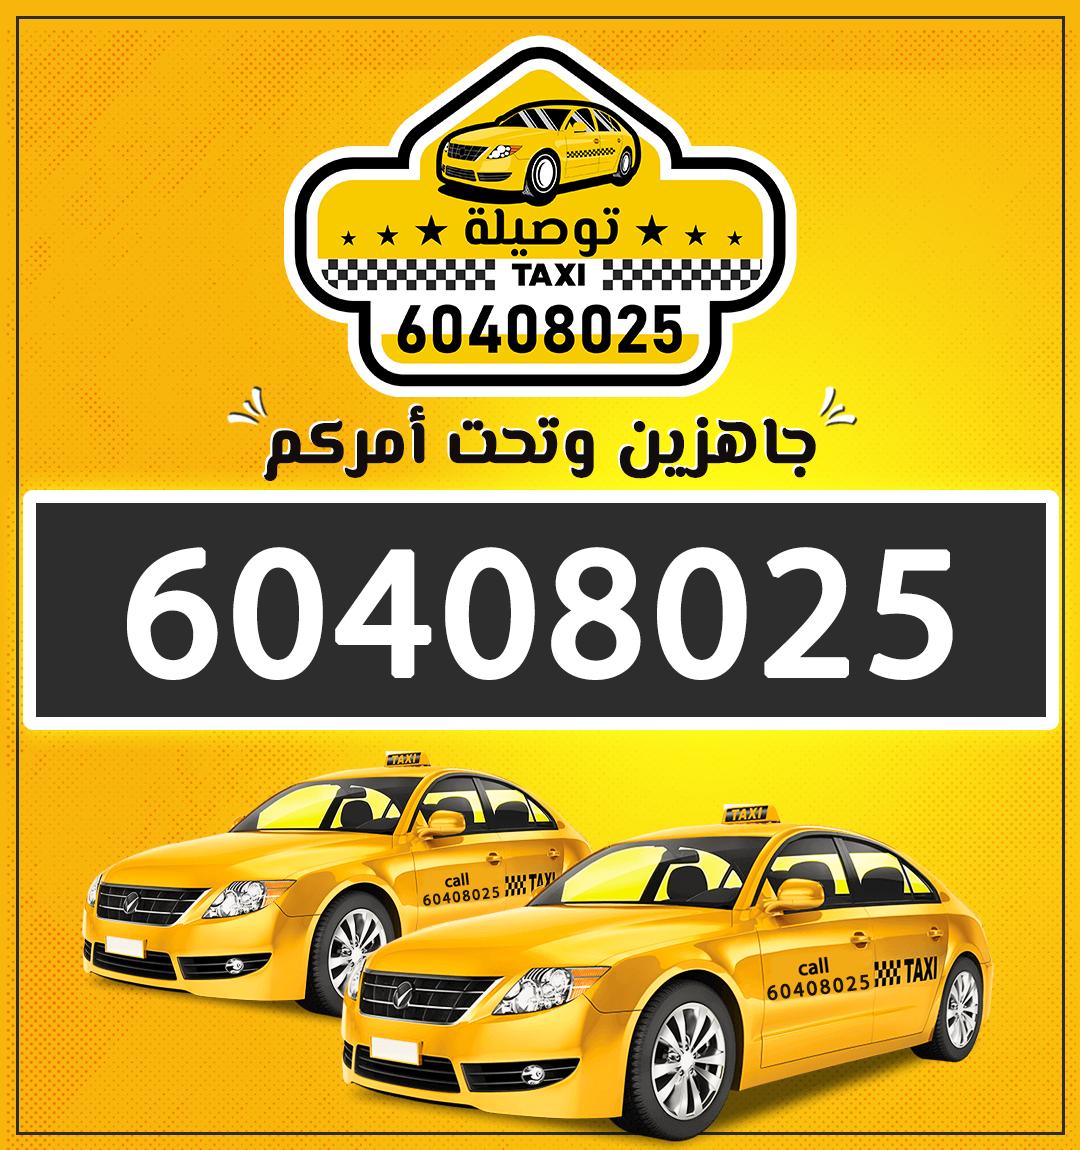 تاكسي توصيلة في شارع سعيد بن المسيب